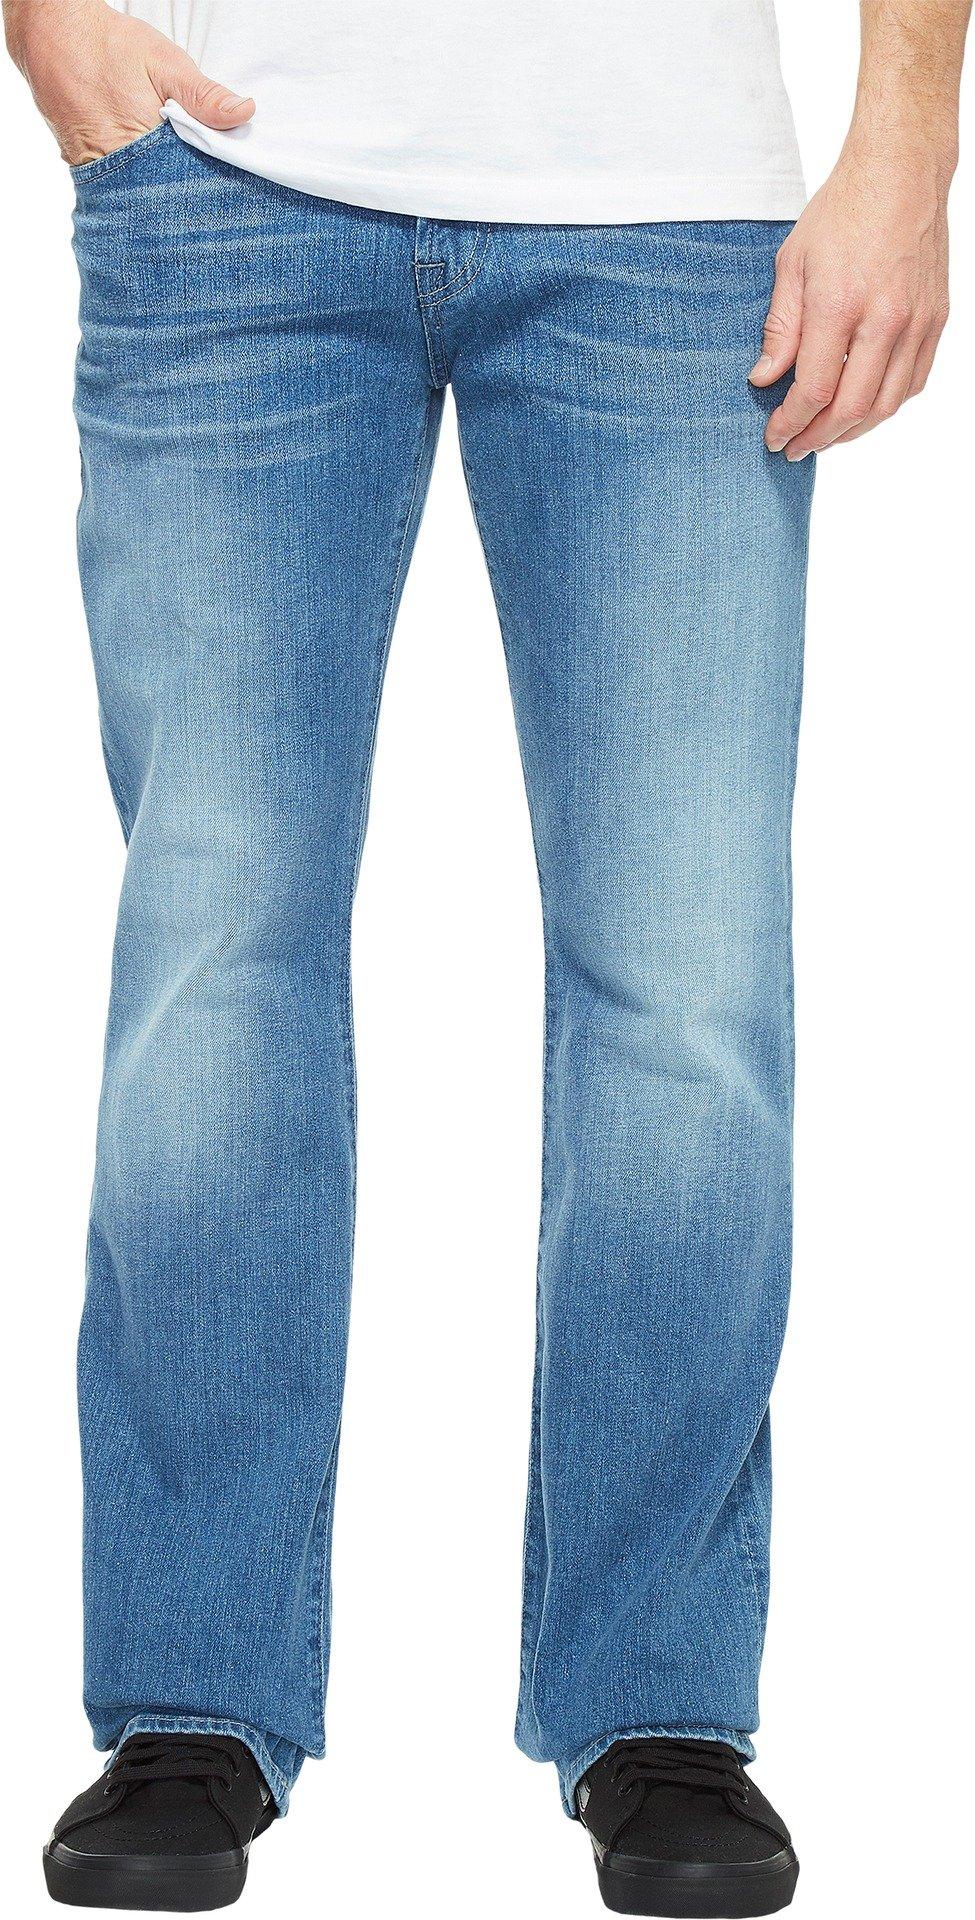 7 For All Mankind Men's Brett in Endless Summer Endless Summer Jeans